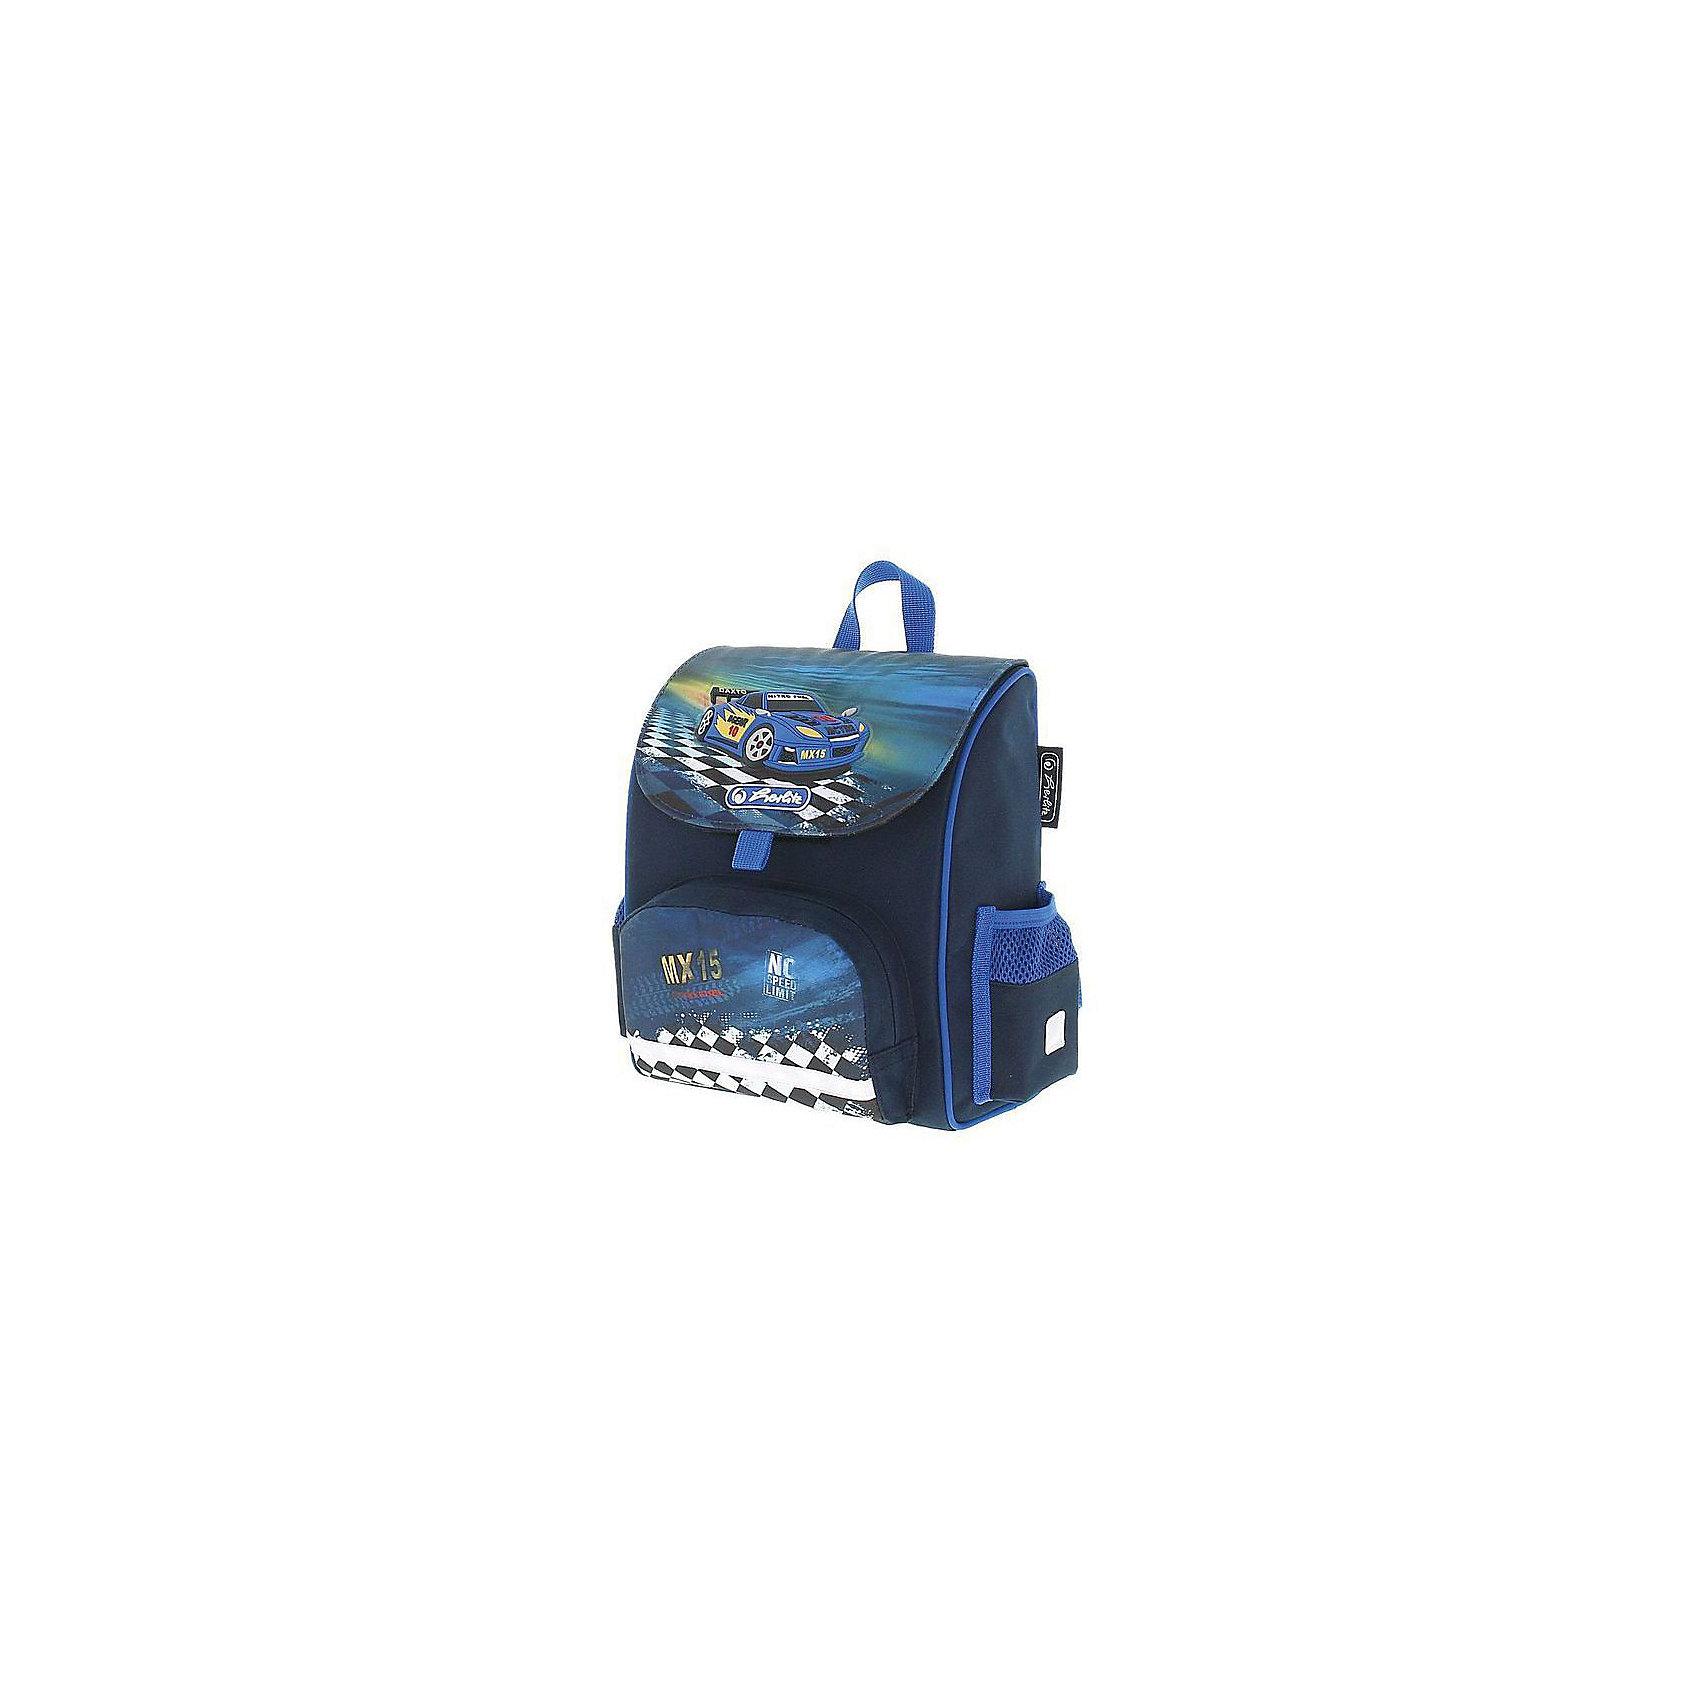 Herlitz Ранец дошкольный MINI SOFTBAG Super RaceРанцы<br>Ранец дошкольный MINI SOFTBAG Super Racer<br>Описание:<br>- 24х28х14 см,<br> - одно внутреннее отделение,<br> - 1 передний карман на молнии,<br>- 2 боковых кармана,<br> - эргономичная спинка, <br>- уплотненные регулируемые лямки, <br>- светоотражатели 3M на переднем кармане, боковых карманах и лямках<br>вес 280 гр.<br><br>Ширина мм: 32<br>Глубина мм: 34<br>Высота мм: 19<br>Вес г: 315<br>Возраст от месяцев: 36<br>Возраст до месяцев: 72<br>Пол: Мужской<br>Возраст: Детский<br>SKU: 5595070